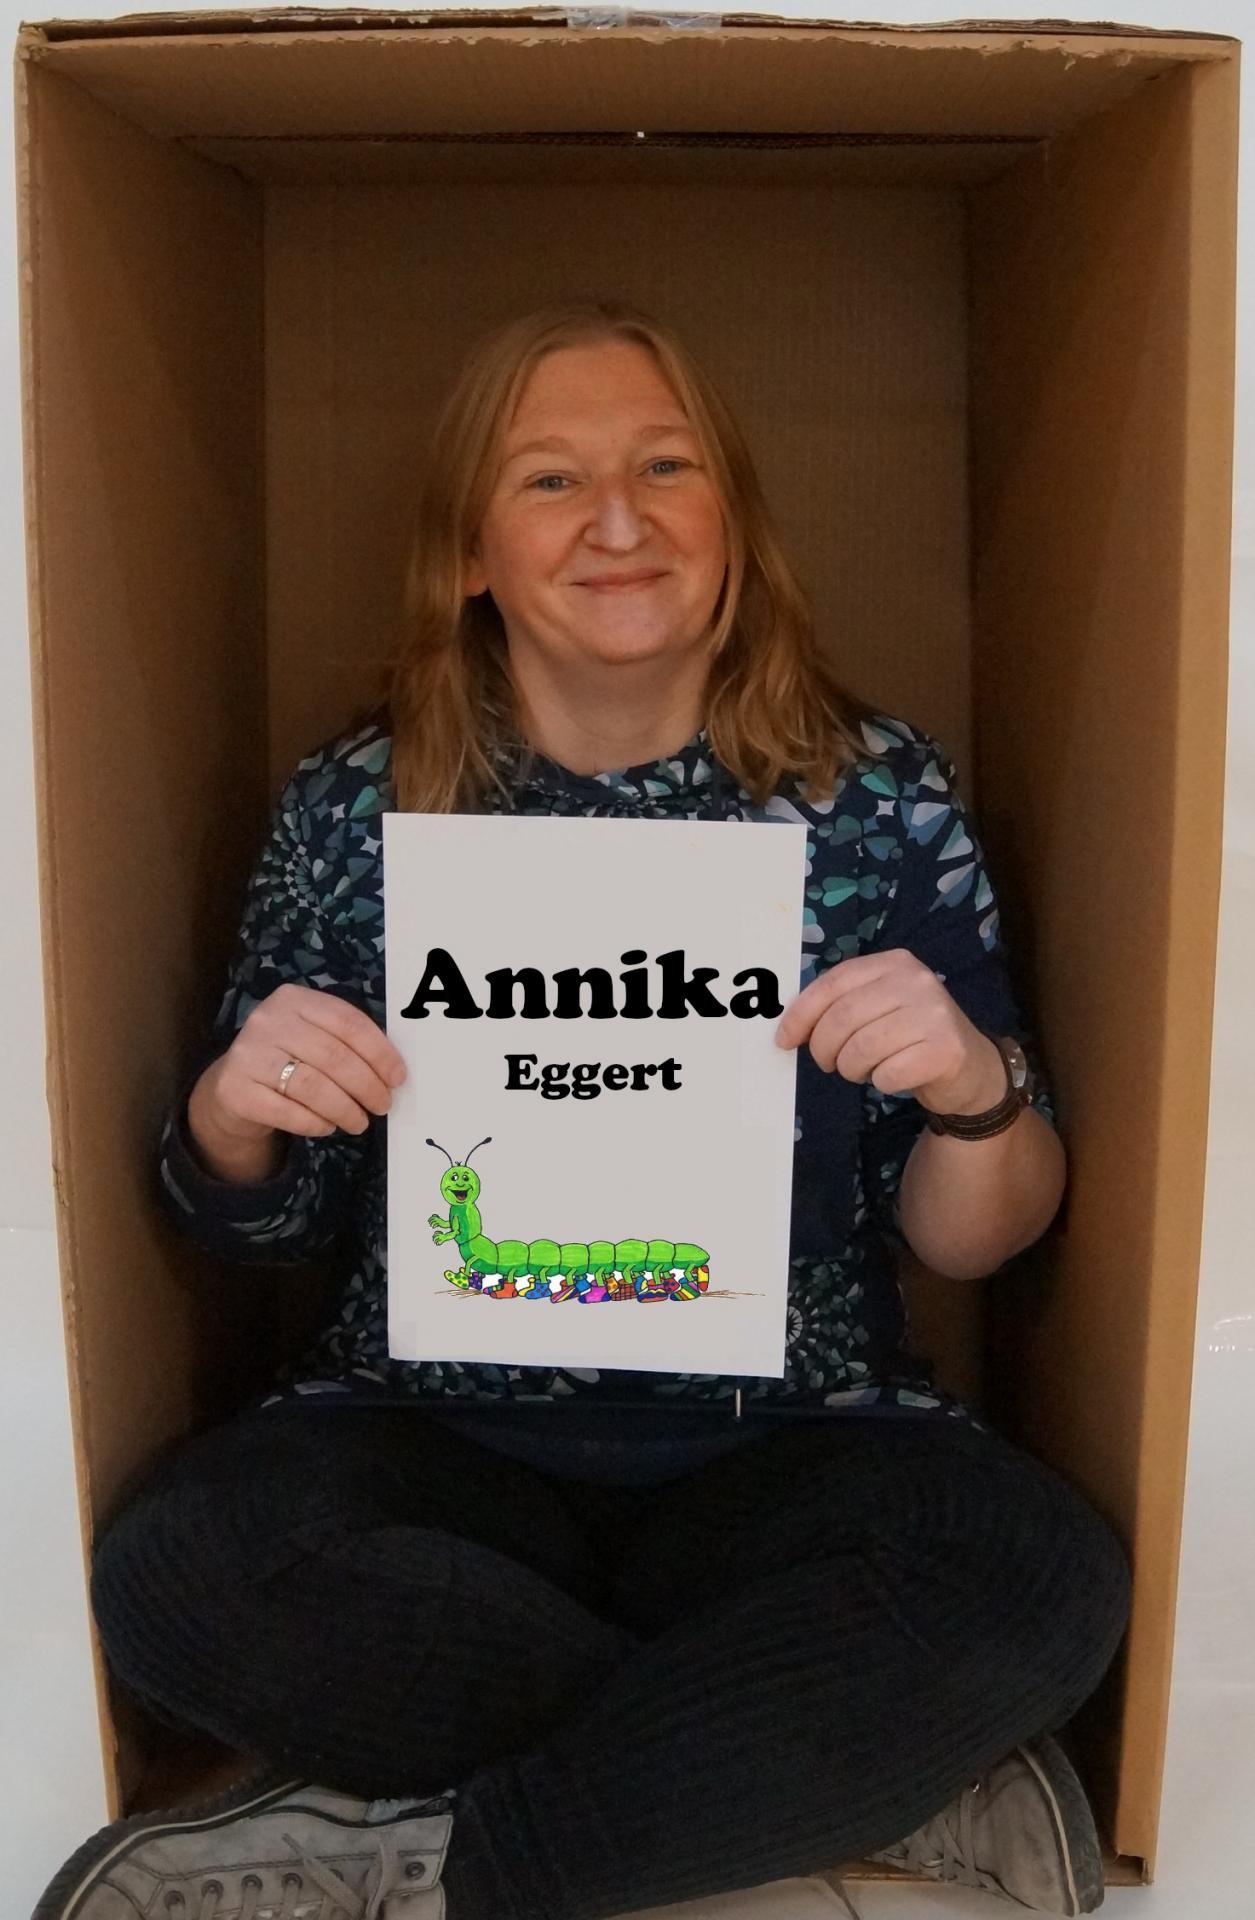 Annika Eggert